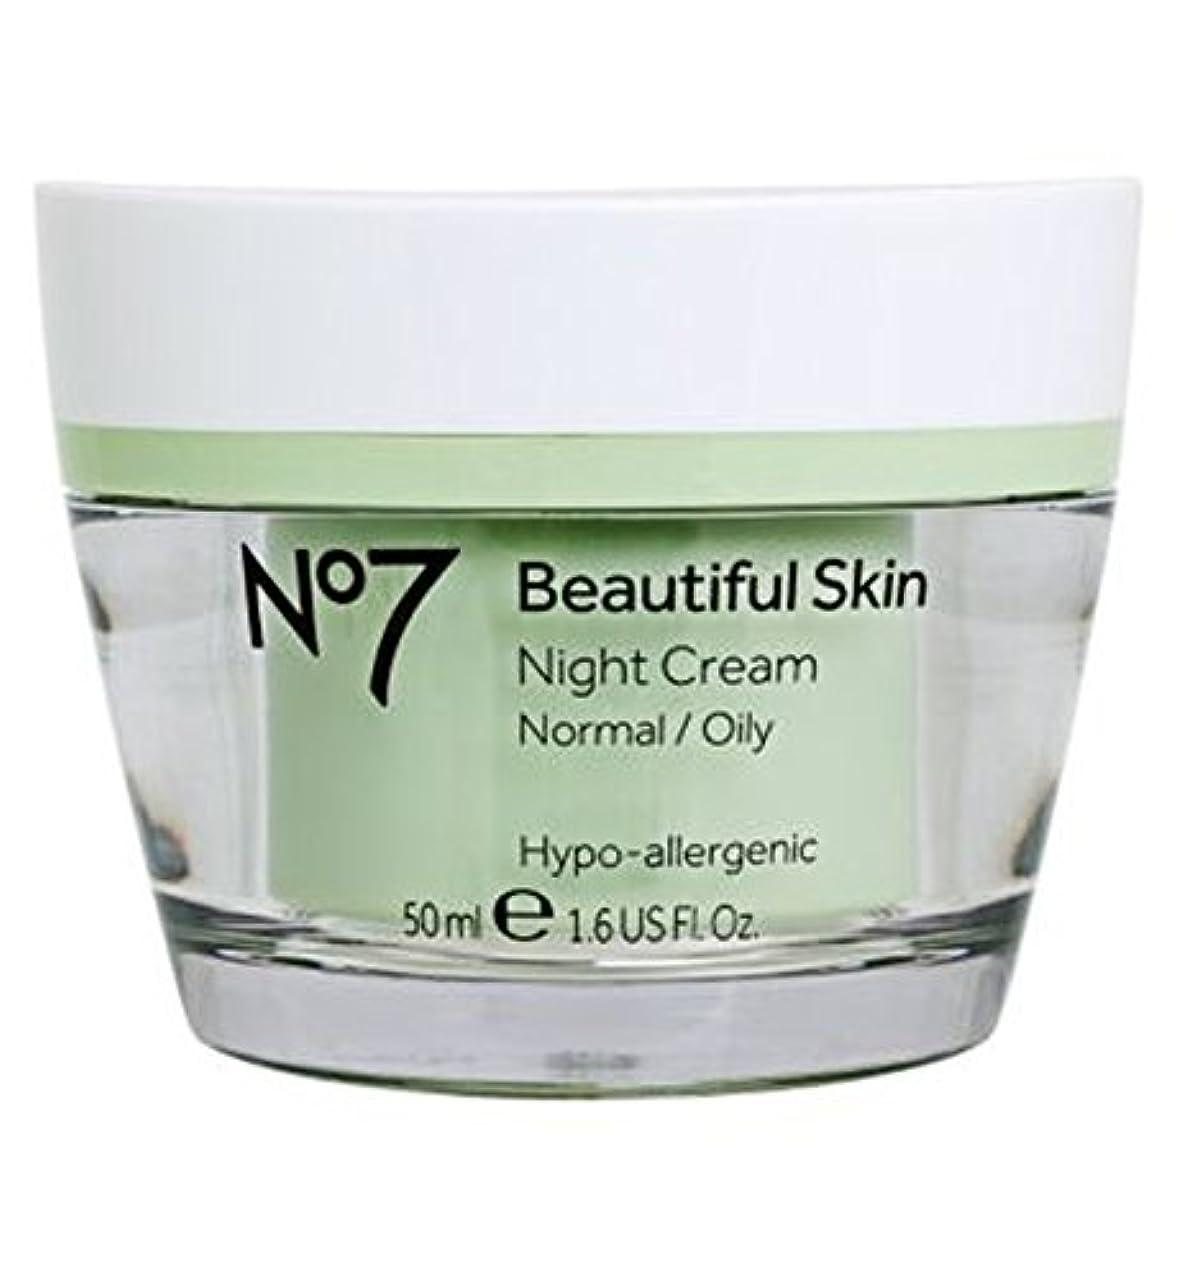 環境ラッチ名誉あるNo7 Beautiful Skin Night Cream for Normal / Oily Skin 50ml - ノーマル/オイリー肌の50ミリリットルのためNo7美肌ナイトクリーム (No7) [並行輸入品]